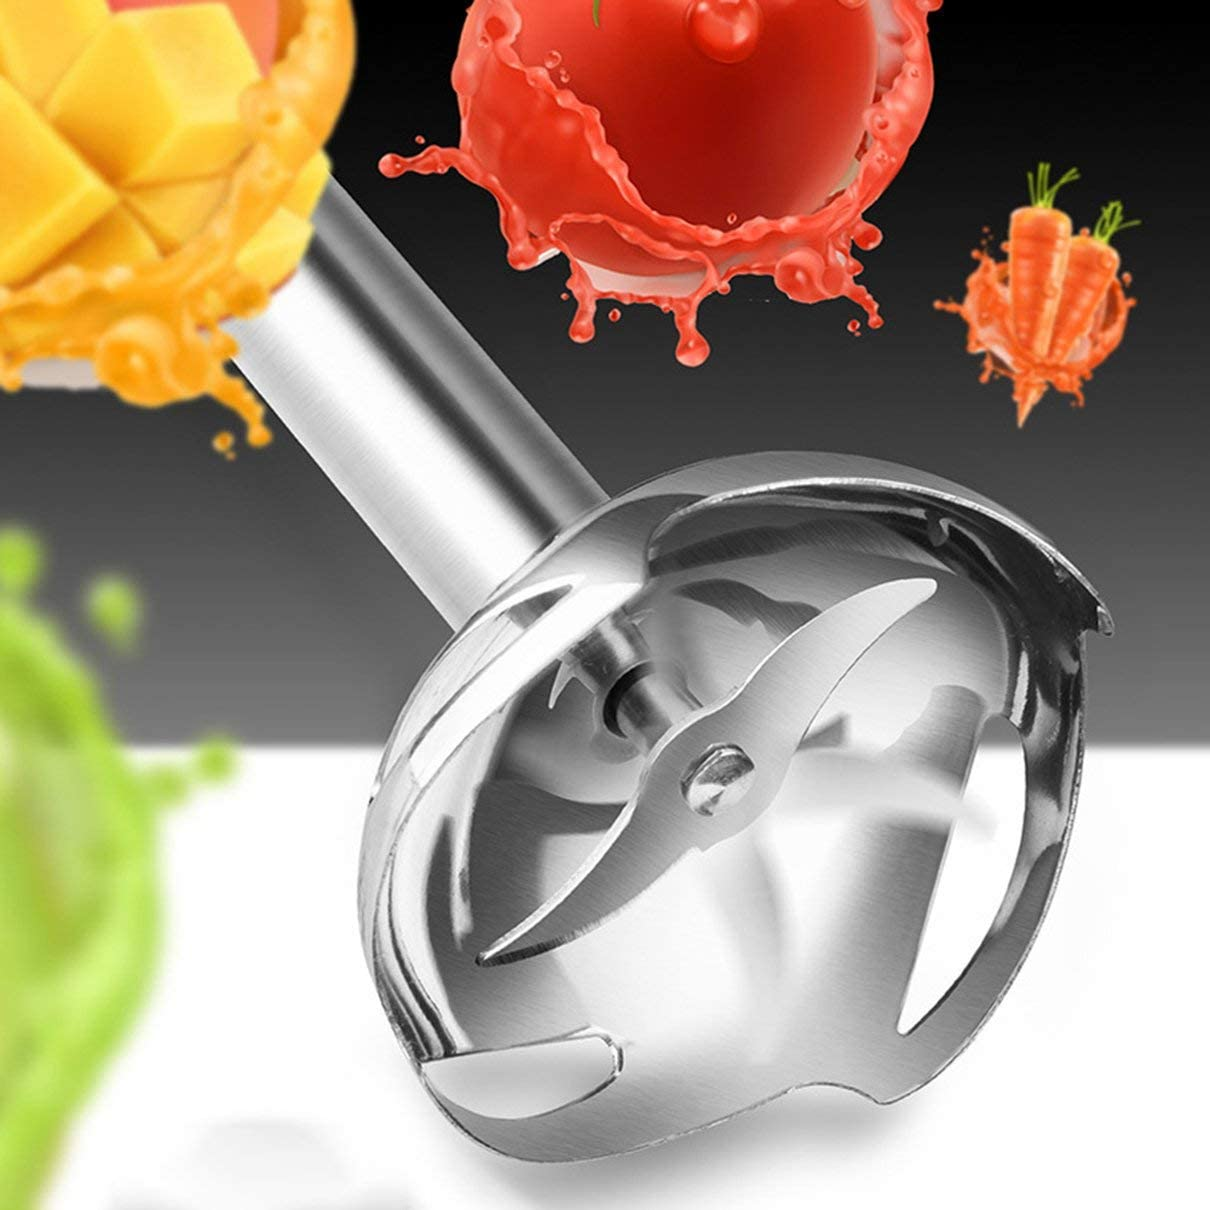 Batidora de inmersi/ón manual de acero inoxidable 4 en 1 Mezclador de verduras Picadora de carne 500Ml Picadora de licuadora 800Ml Taza de batido